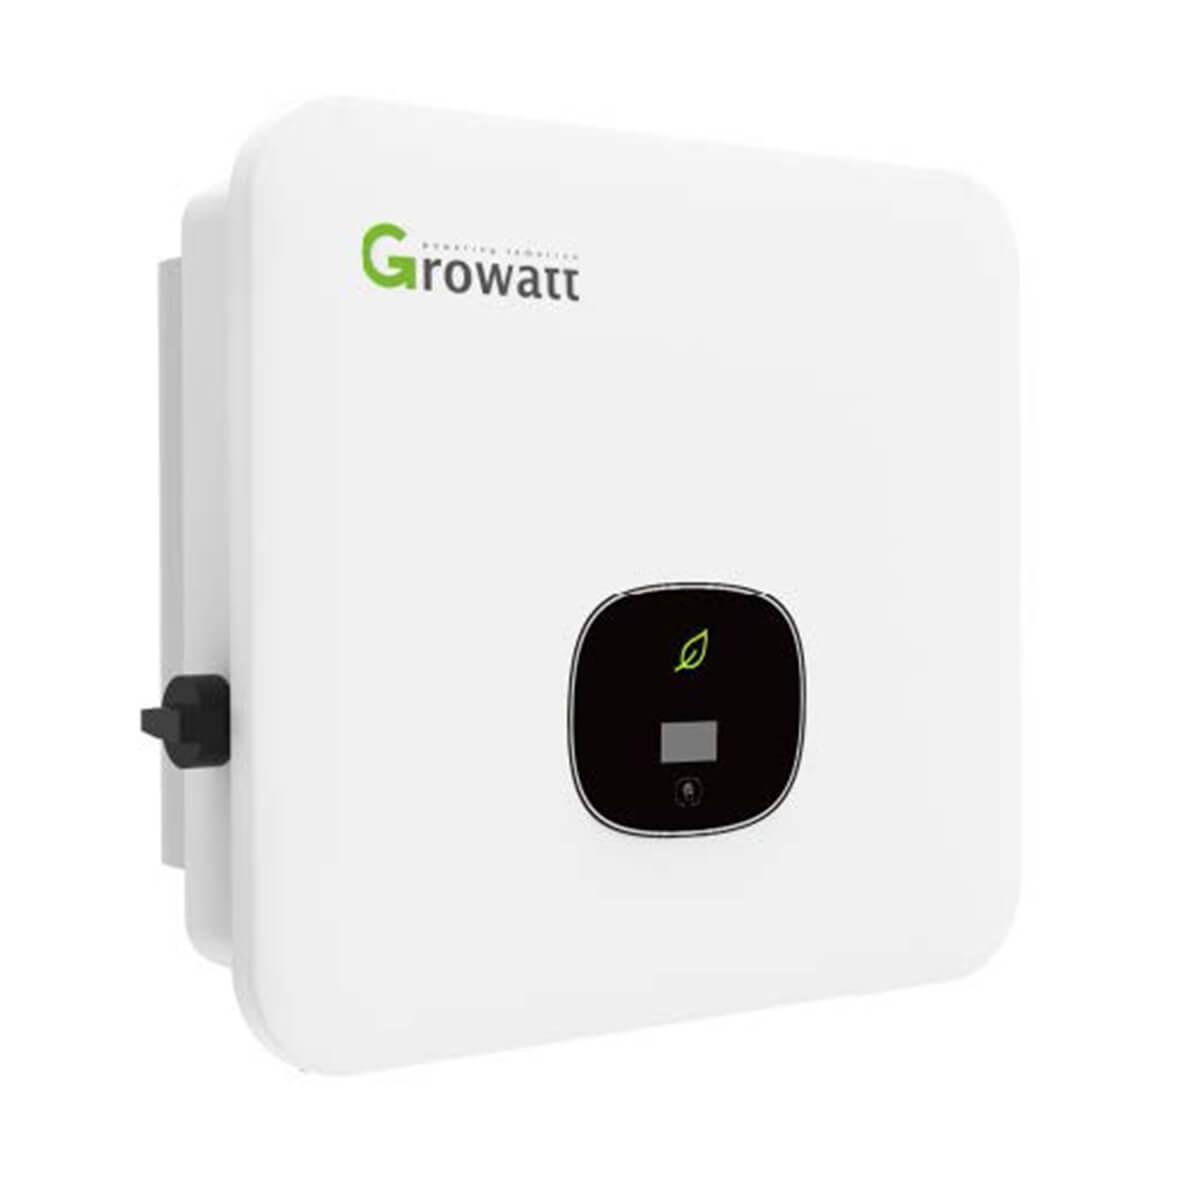 growatt 10kW inverter, growatt mod 10kW inverter, growatt mod 10ktl3-x inverter, growatt mod 10ktl3-x, growatt mod 10 kW